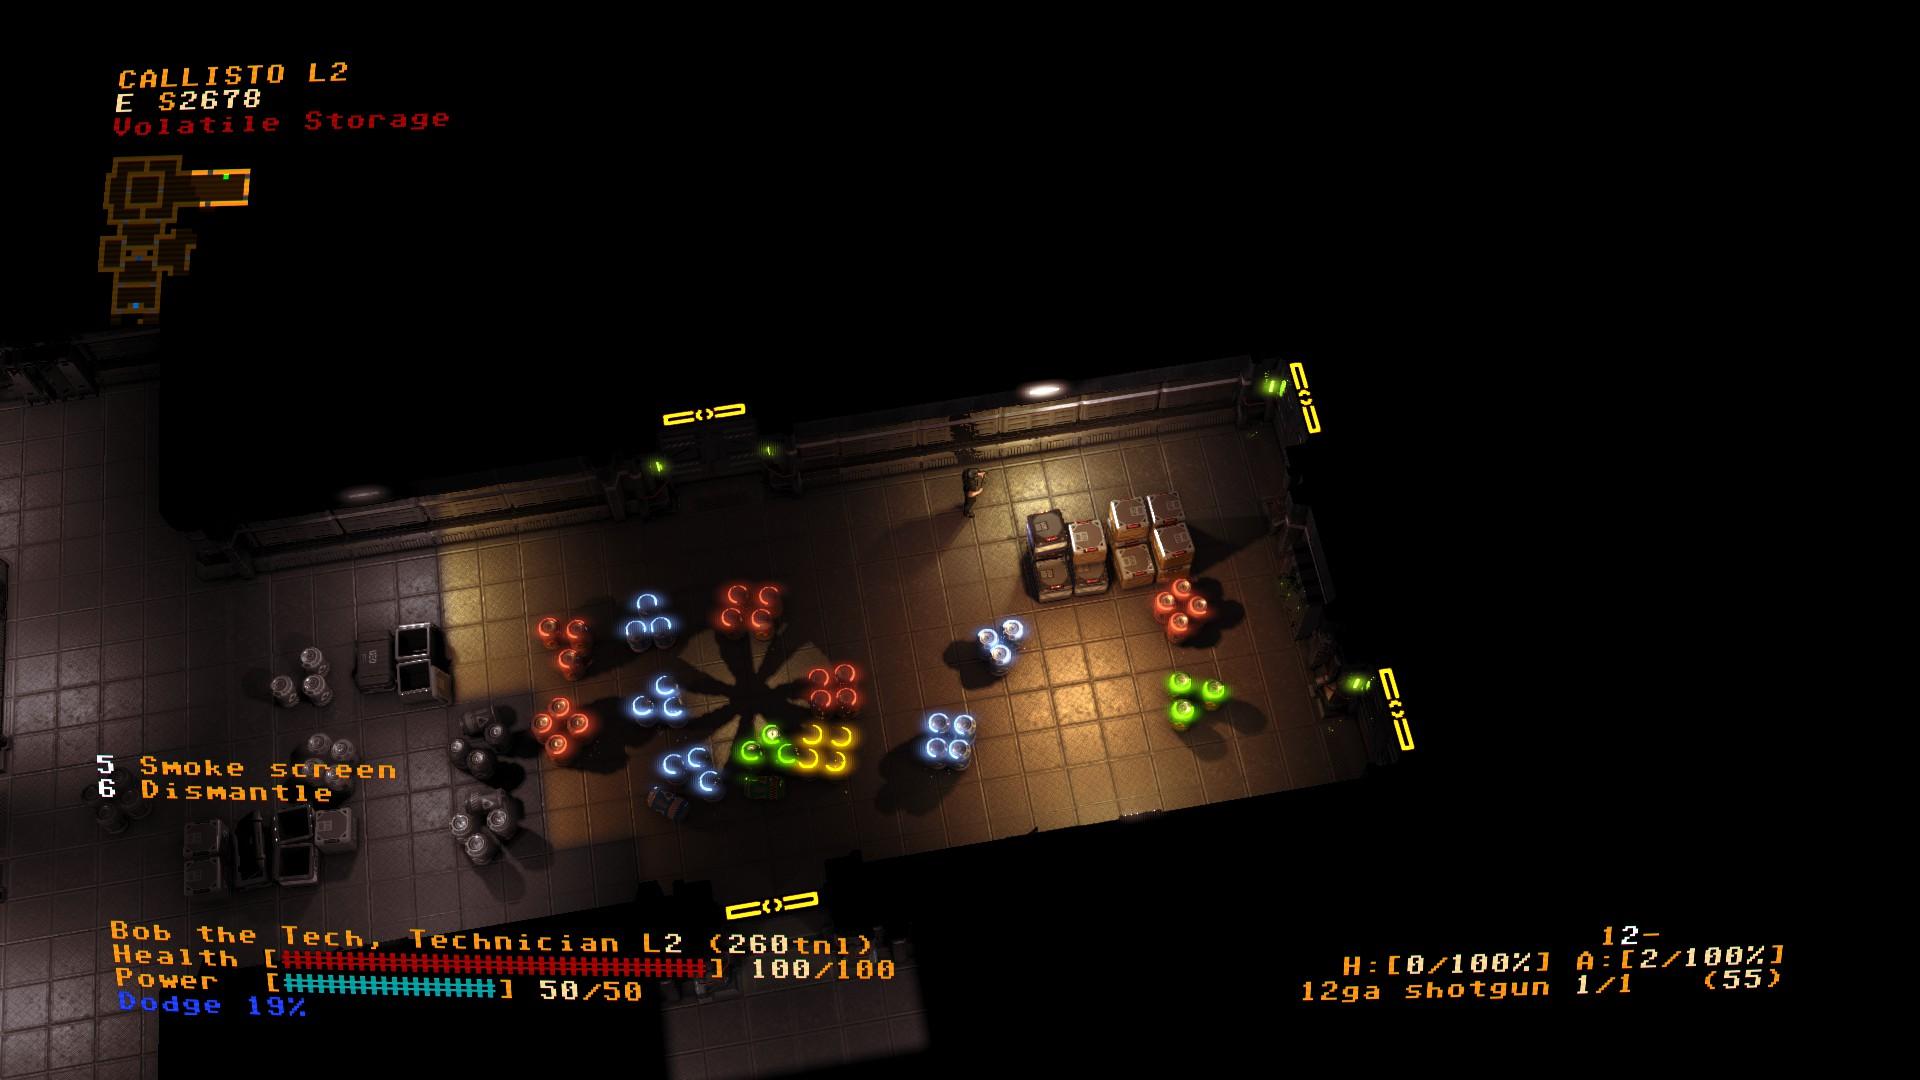 Parfois, un simple tir sur un baril explosif permettra d'éliminer tout un groupe d'ennemis